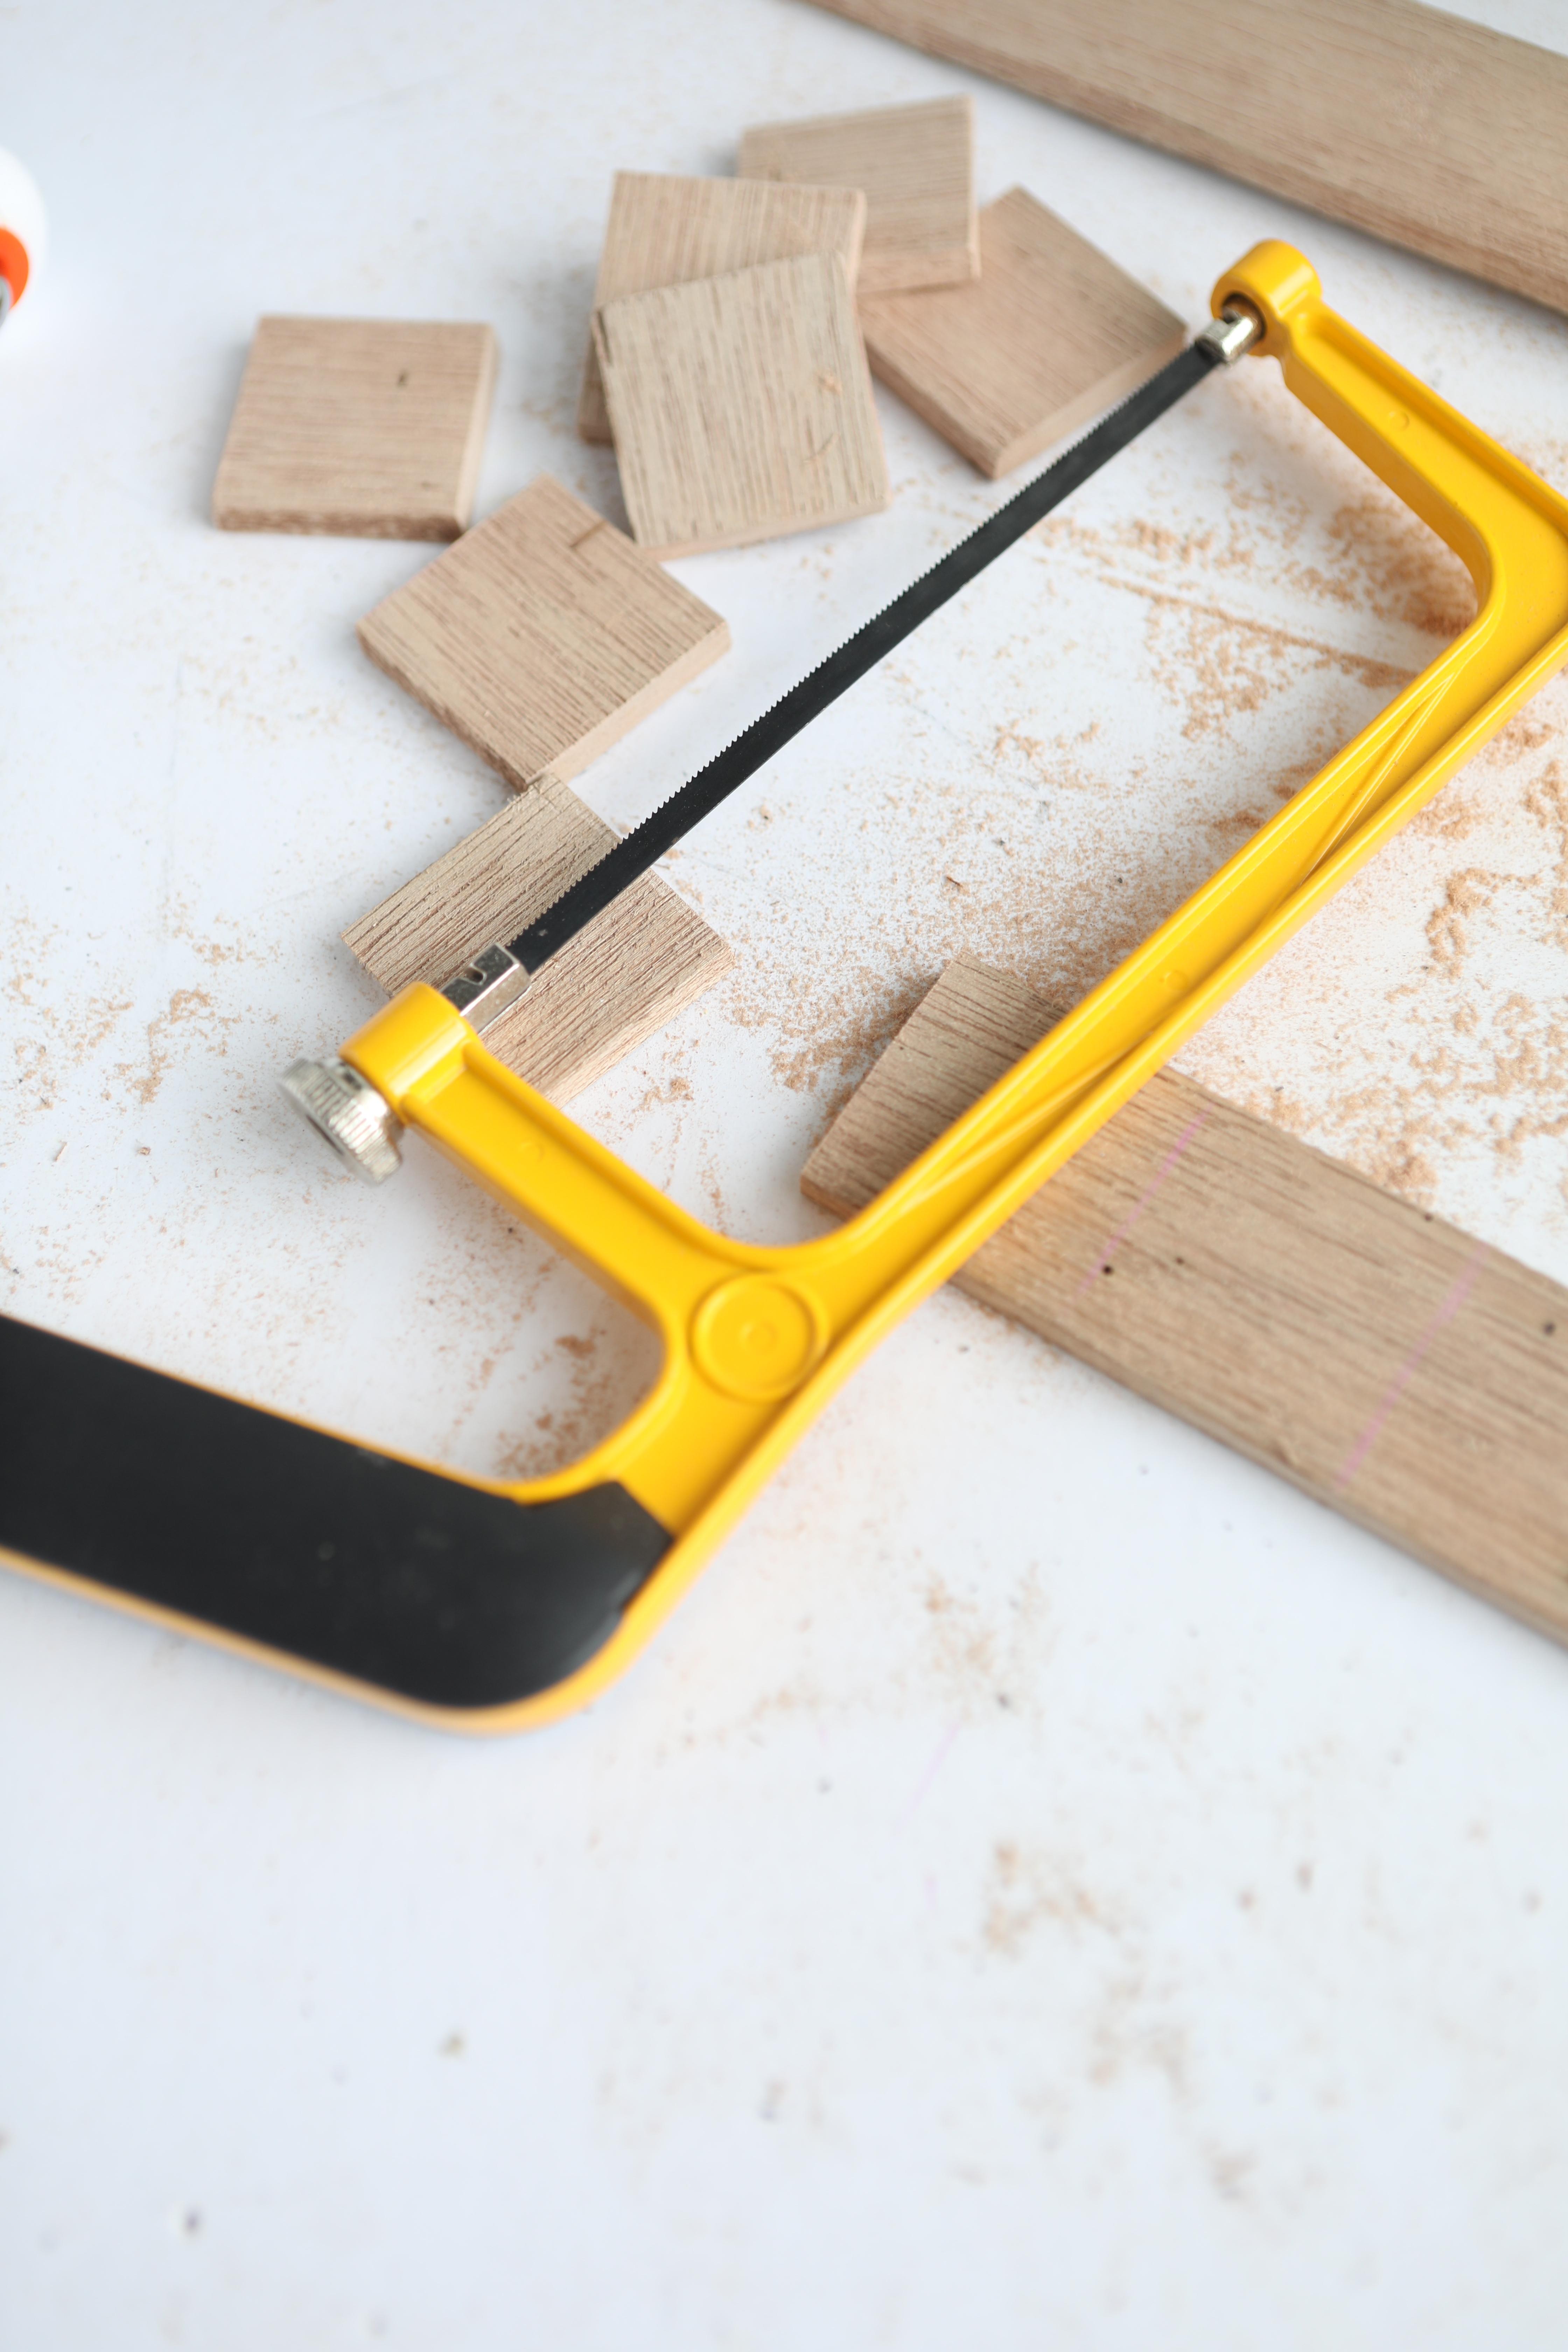 DIY Chalkboard and Craft Organizer Cut2